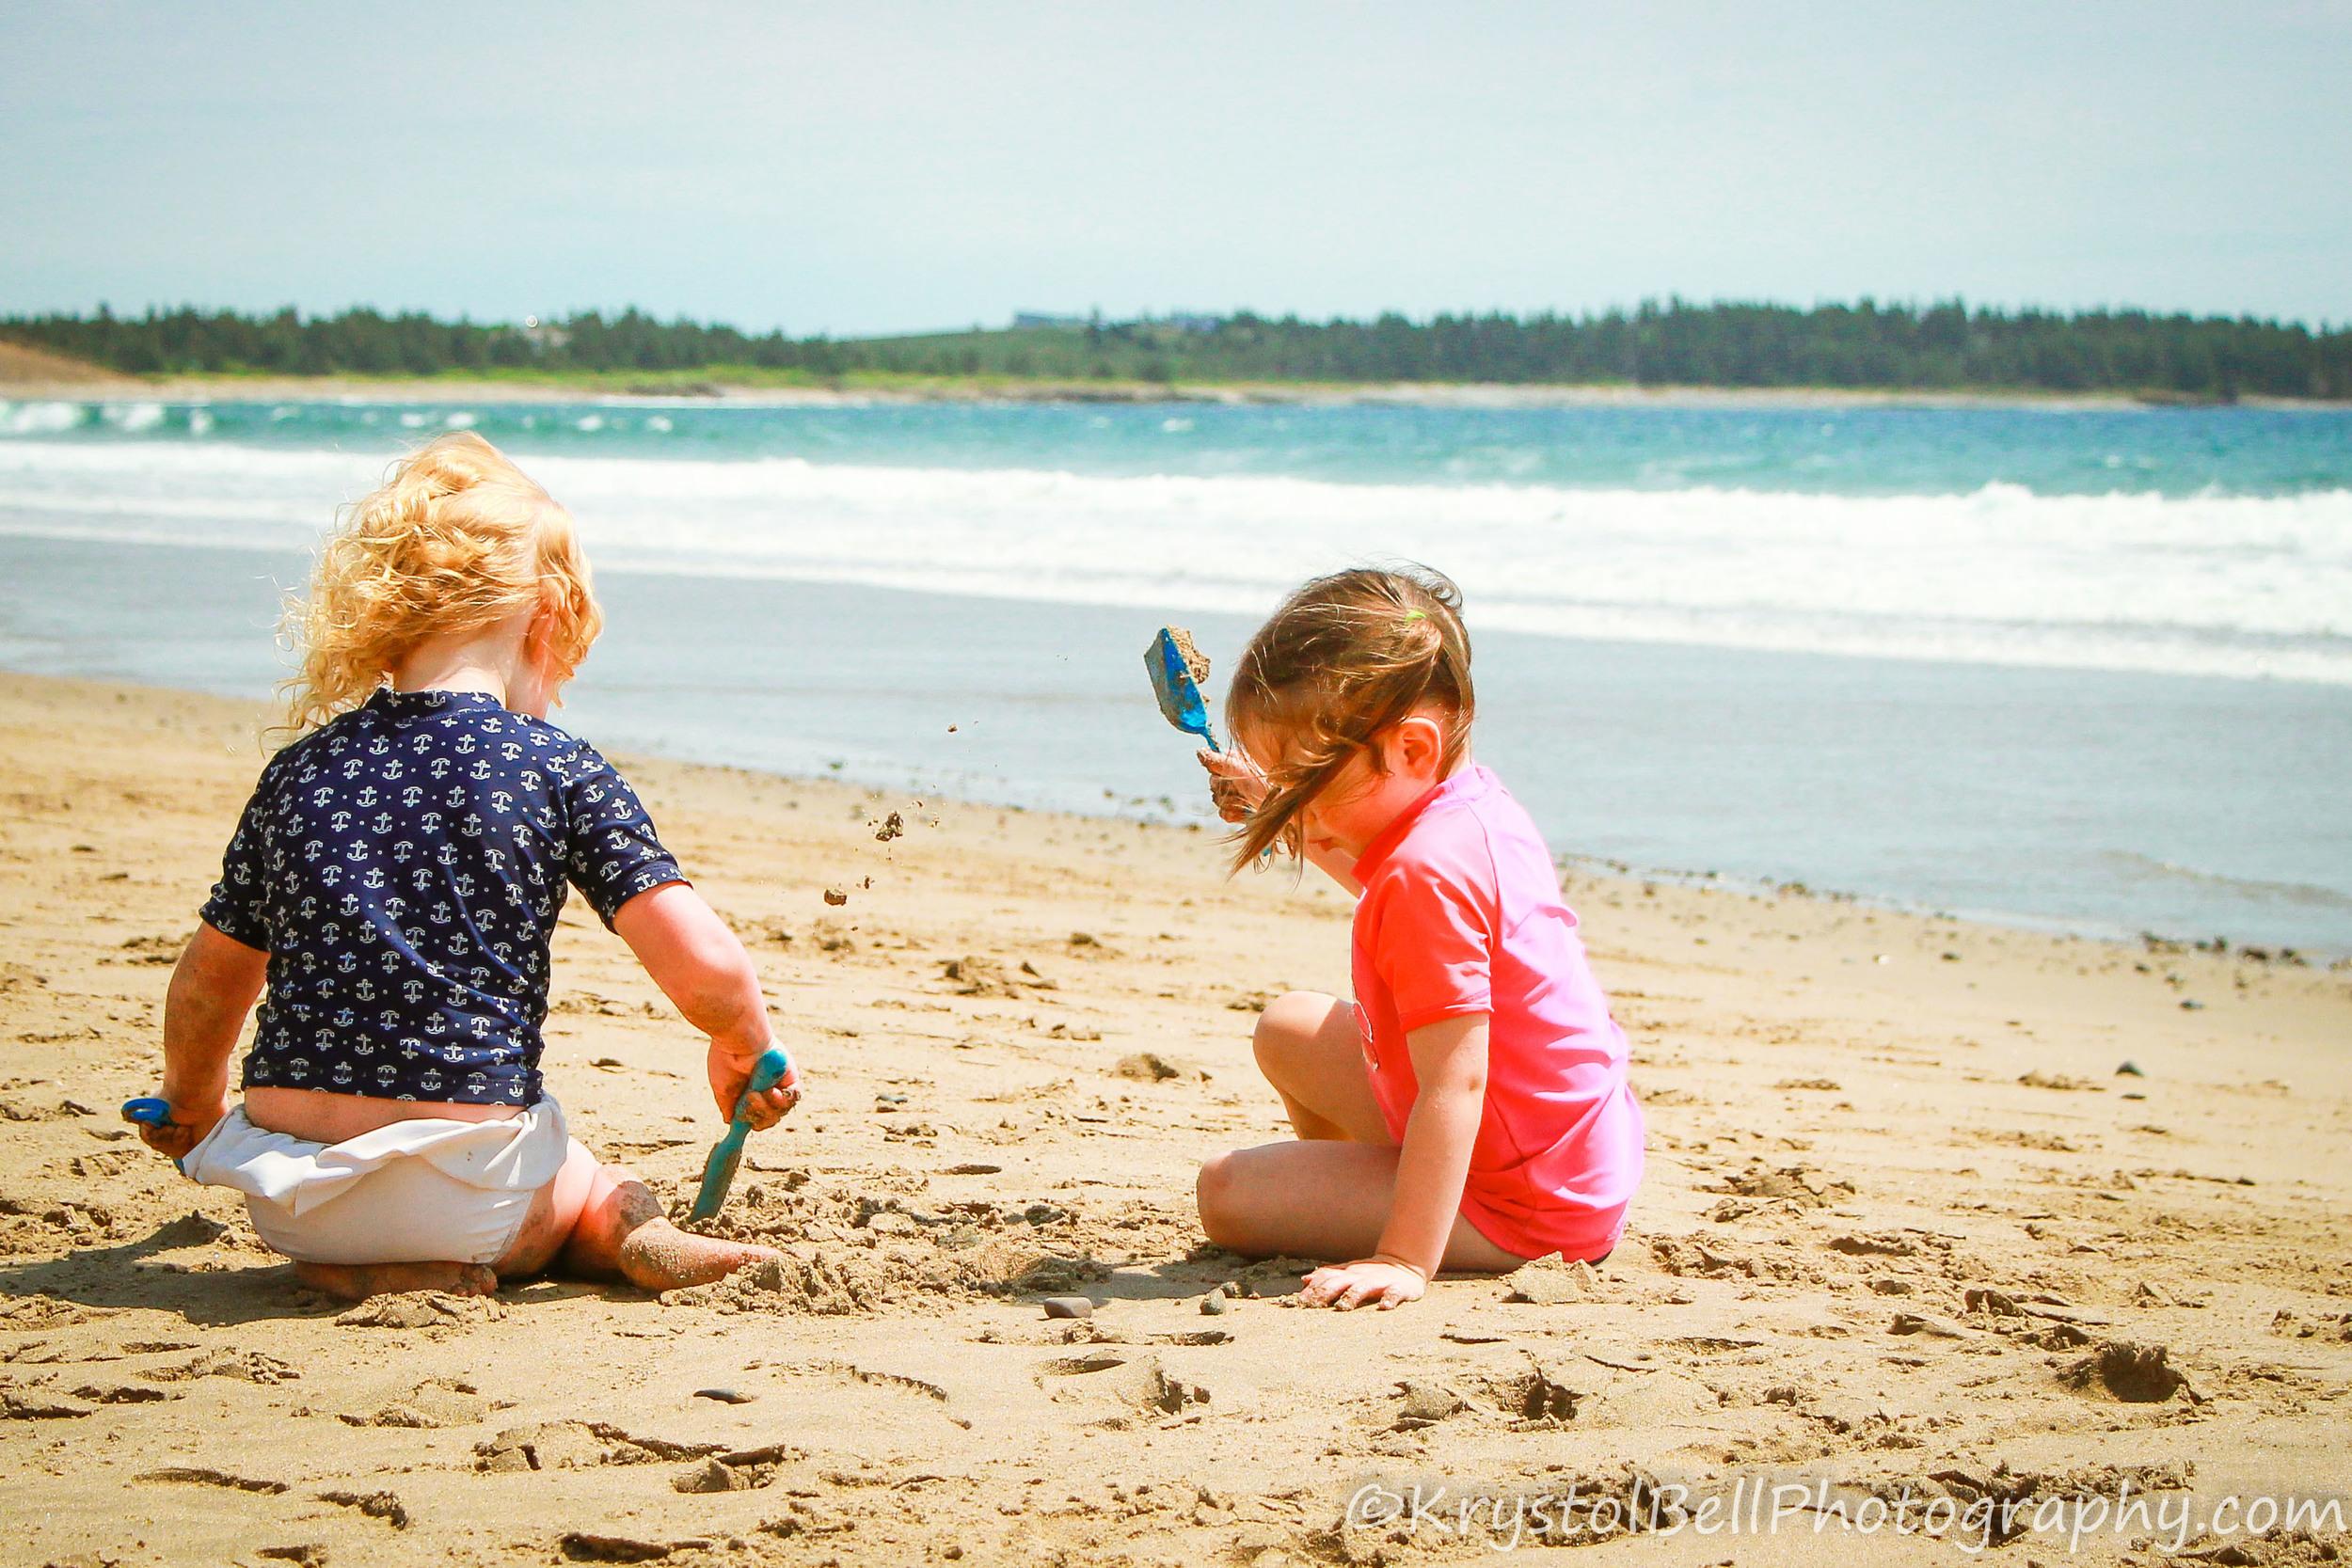 Braegha and Hilary loving the sand.